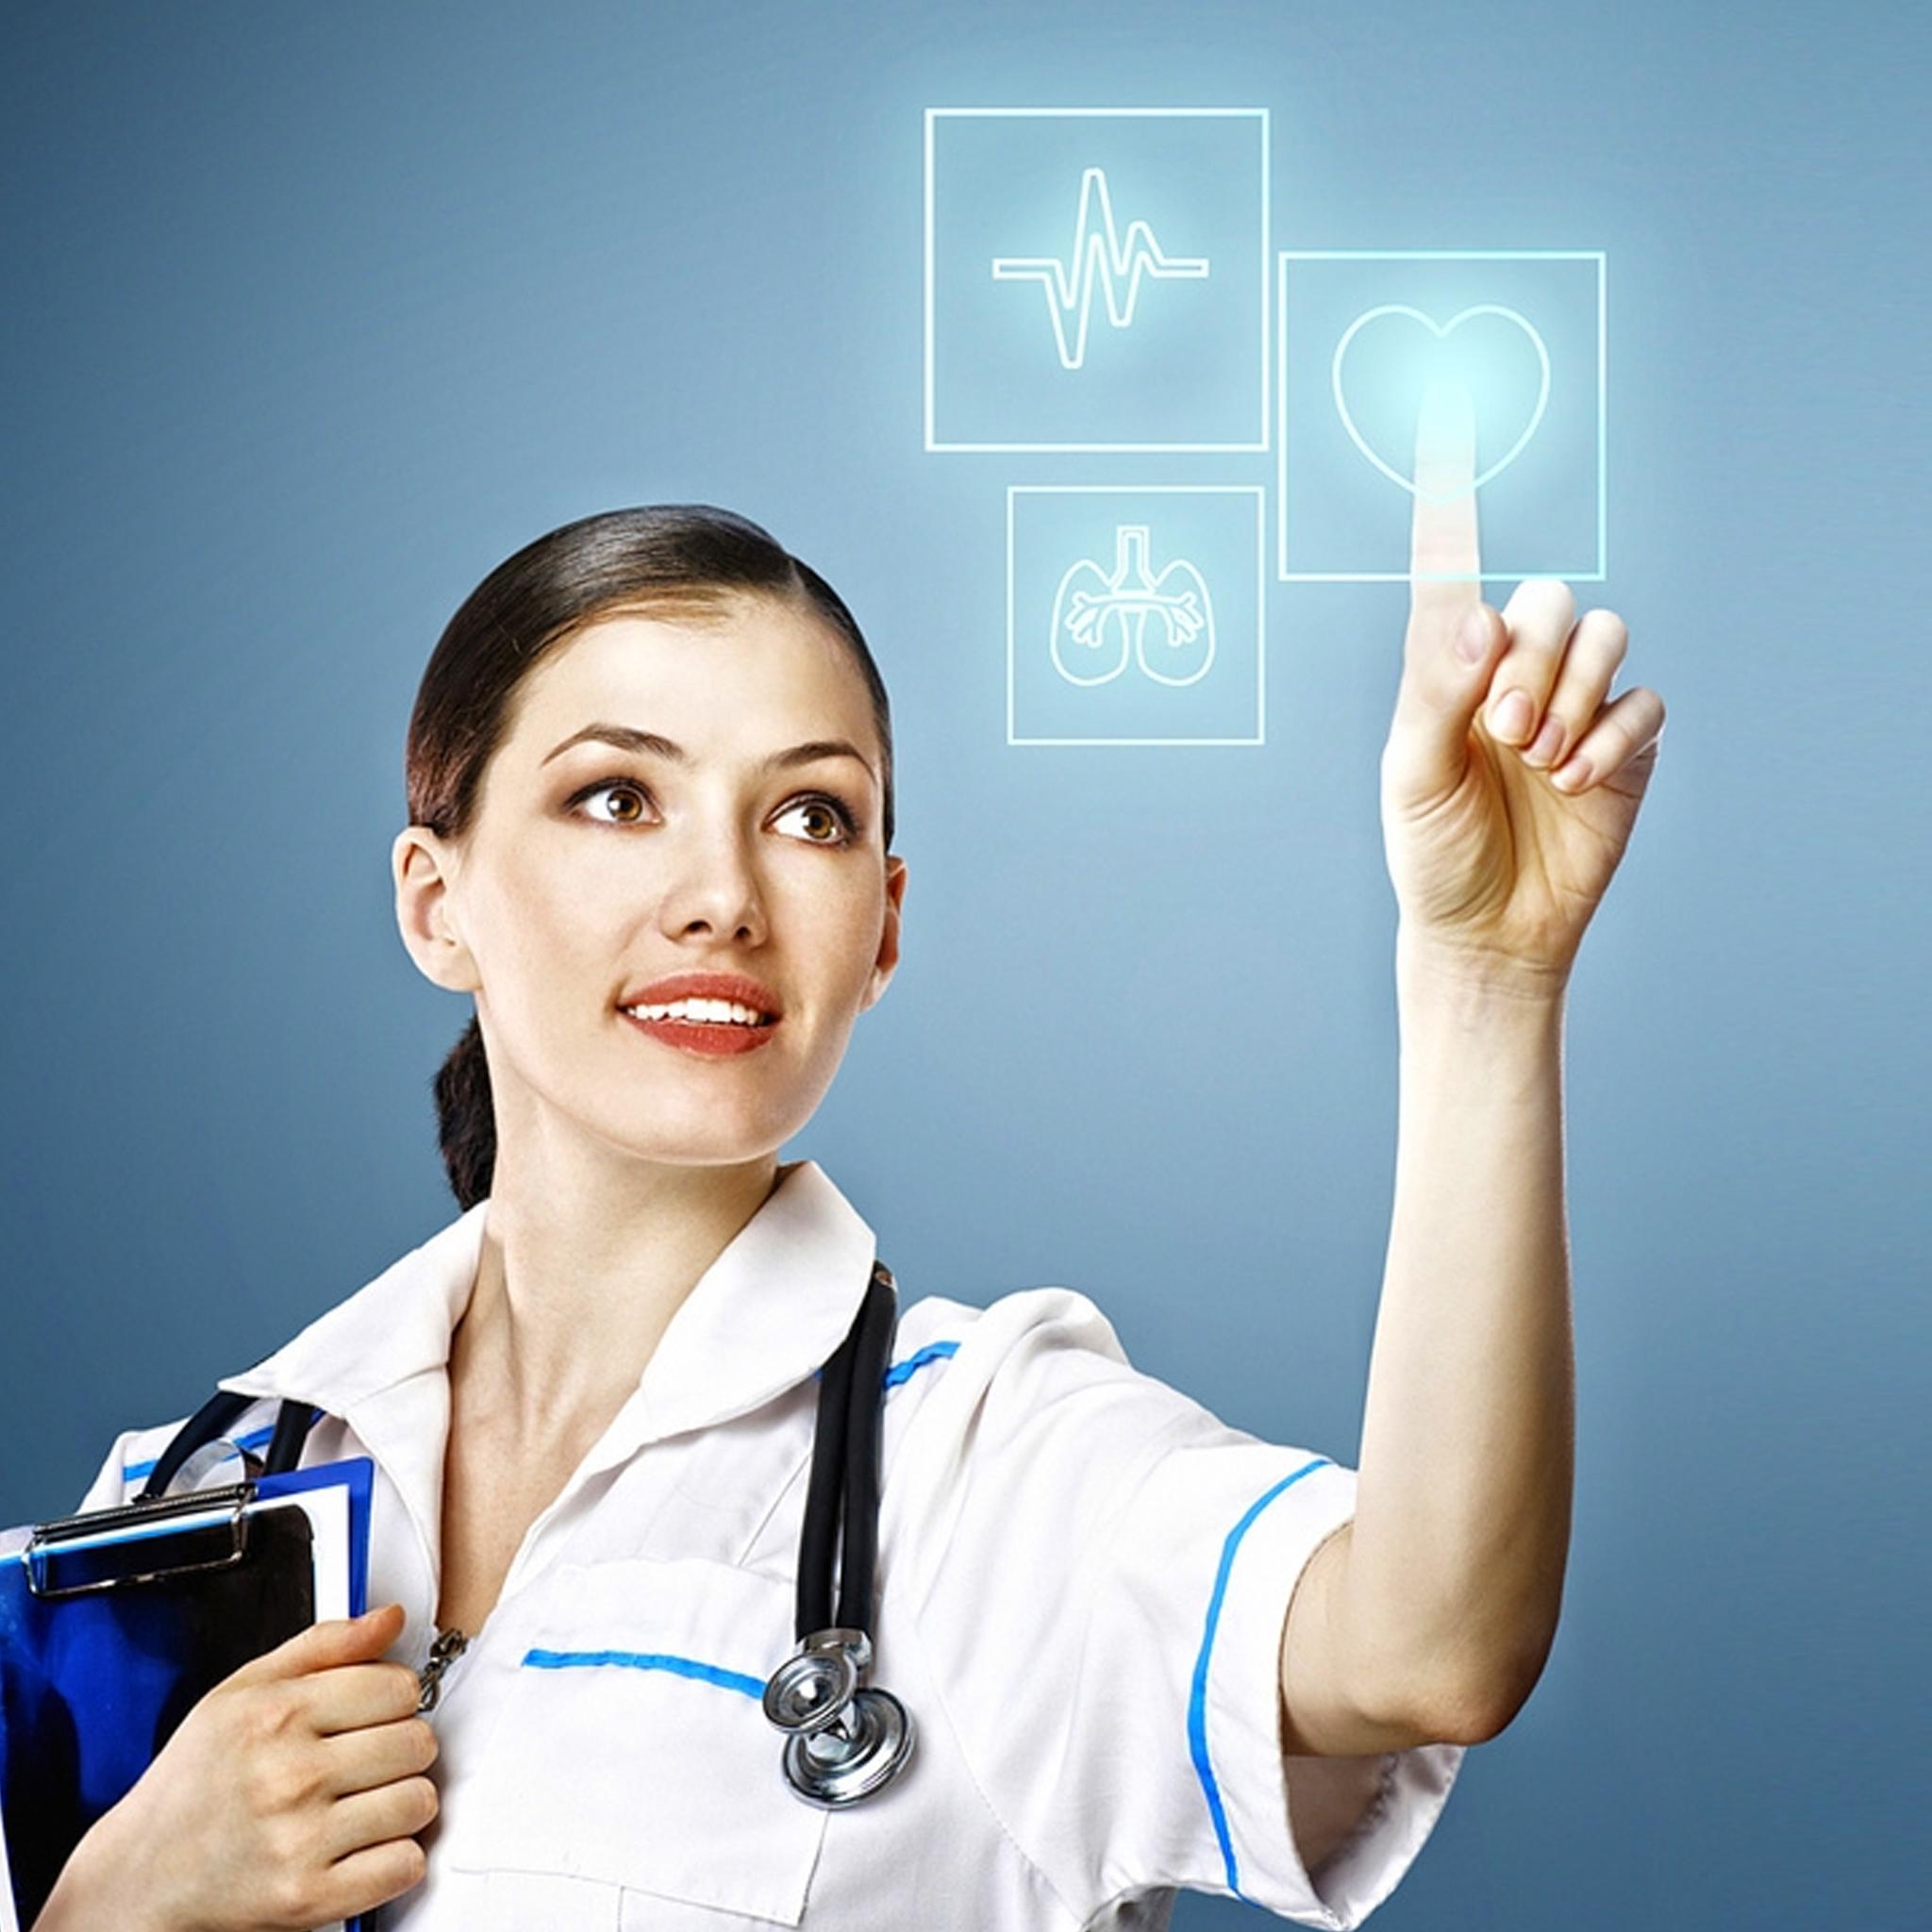 digital pre op solutions, MyPreOp, Preop assessment